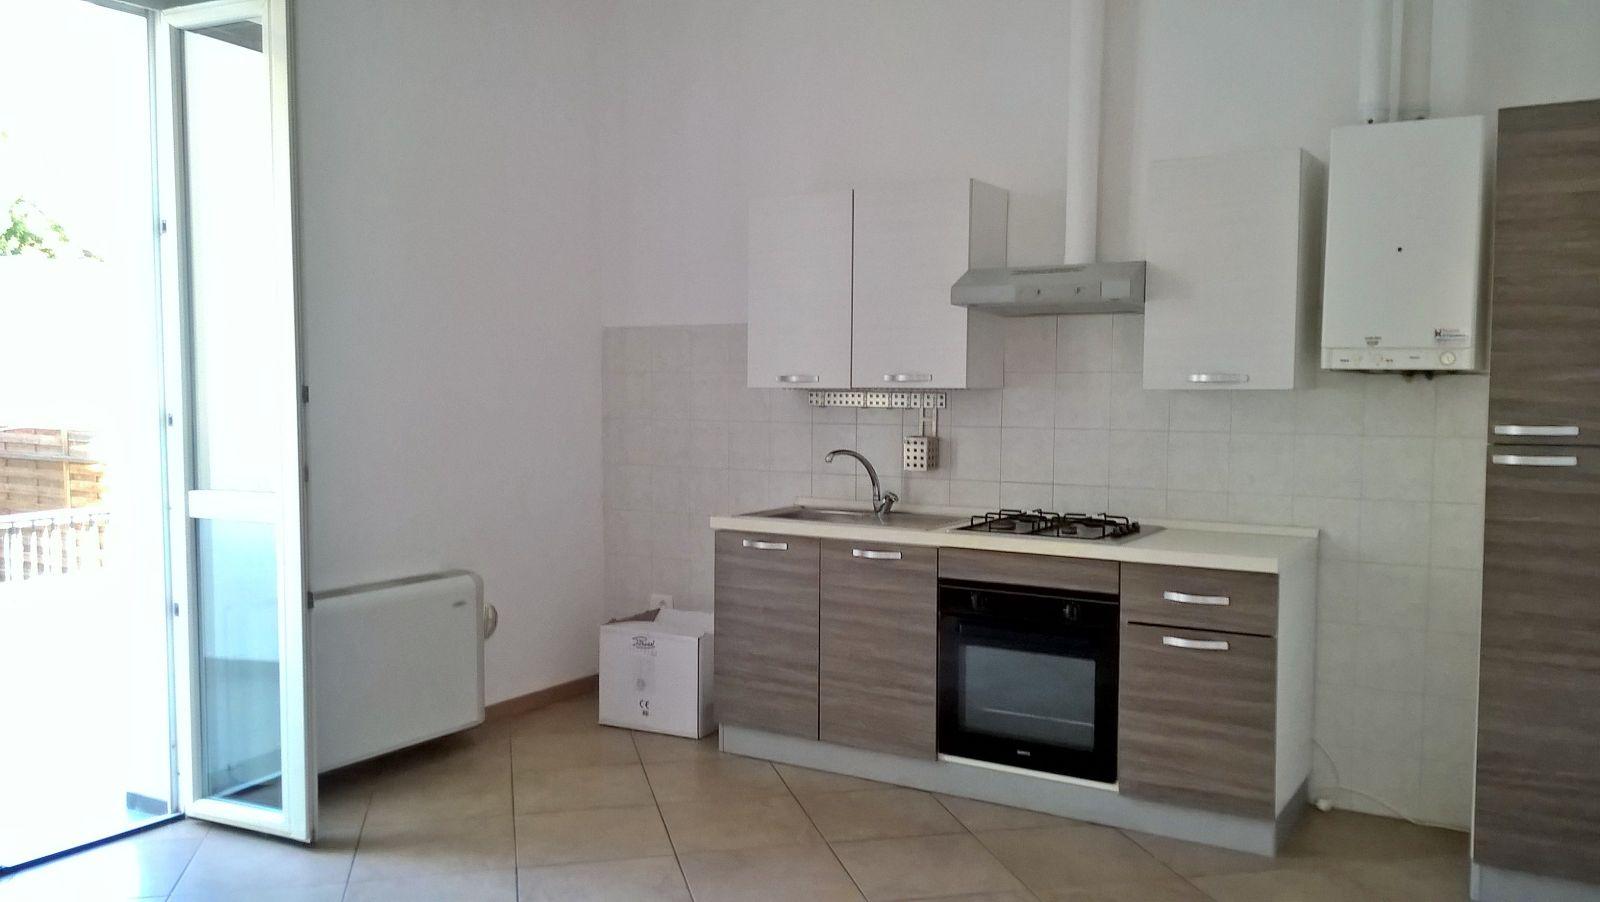 Appartamento in affitto a Sant'Agata sul Santerno, 3 locali, prezzo € 400 | Cambio Casa.it